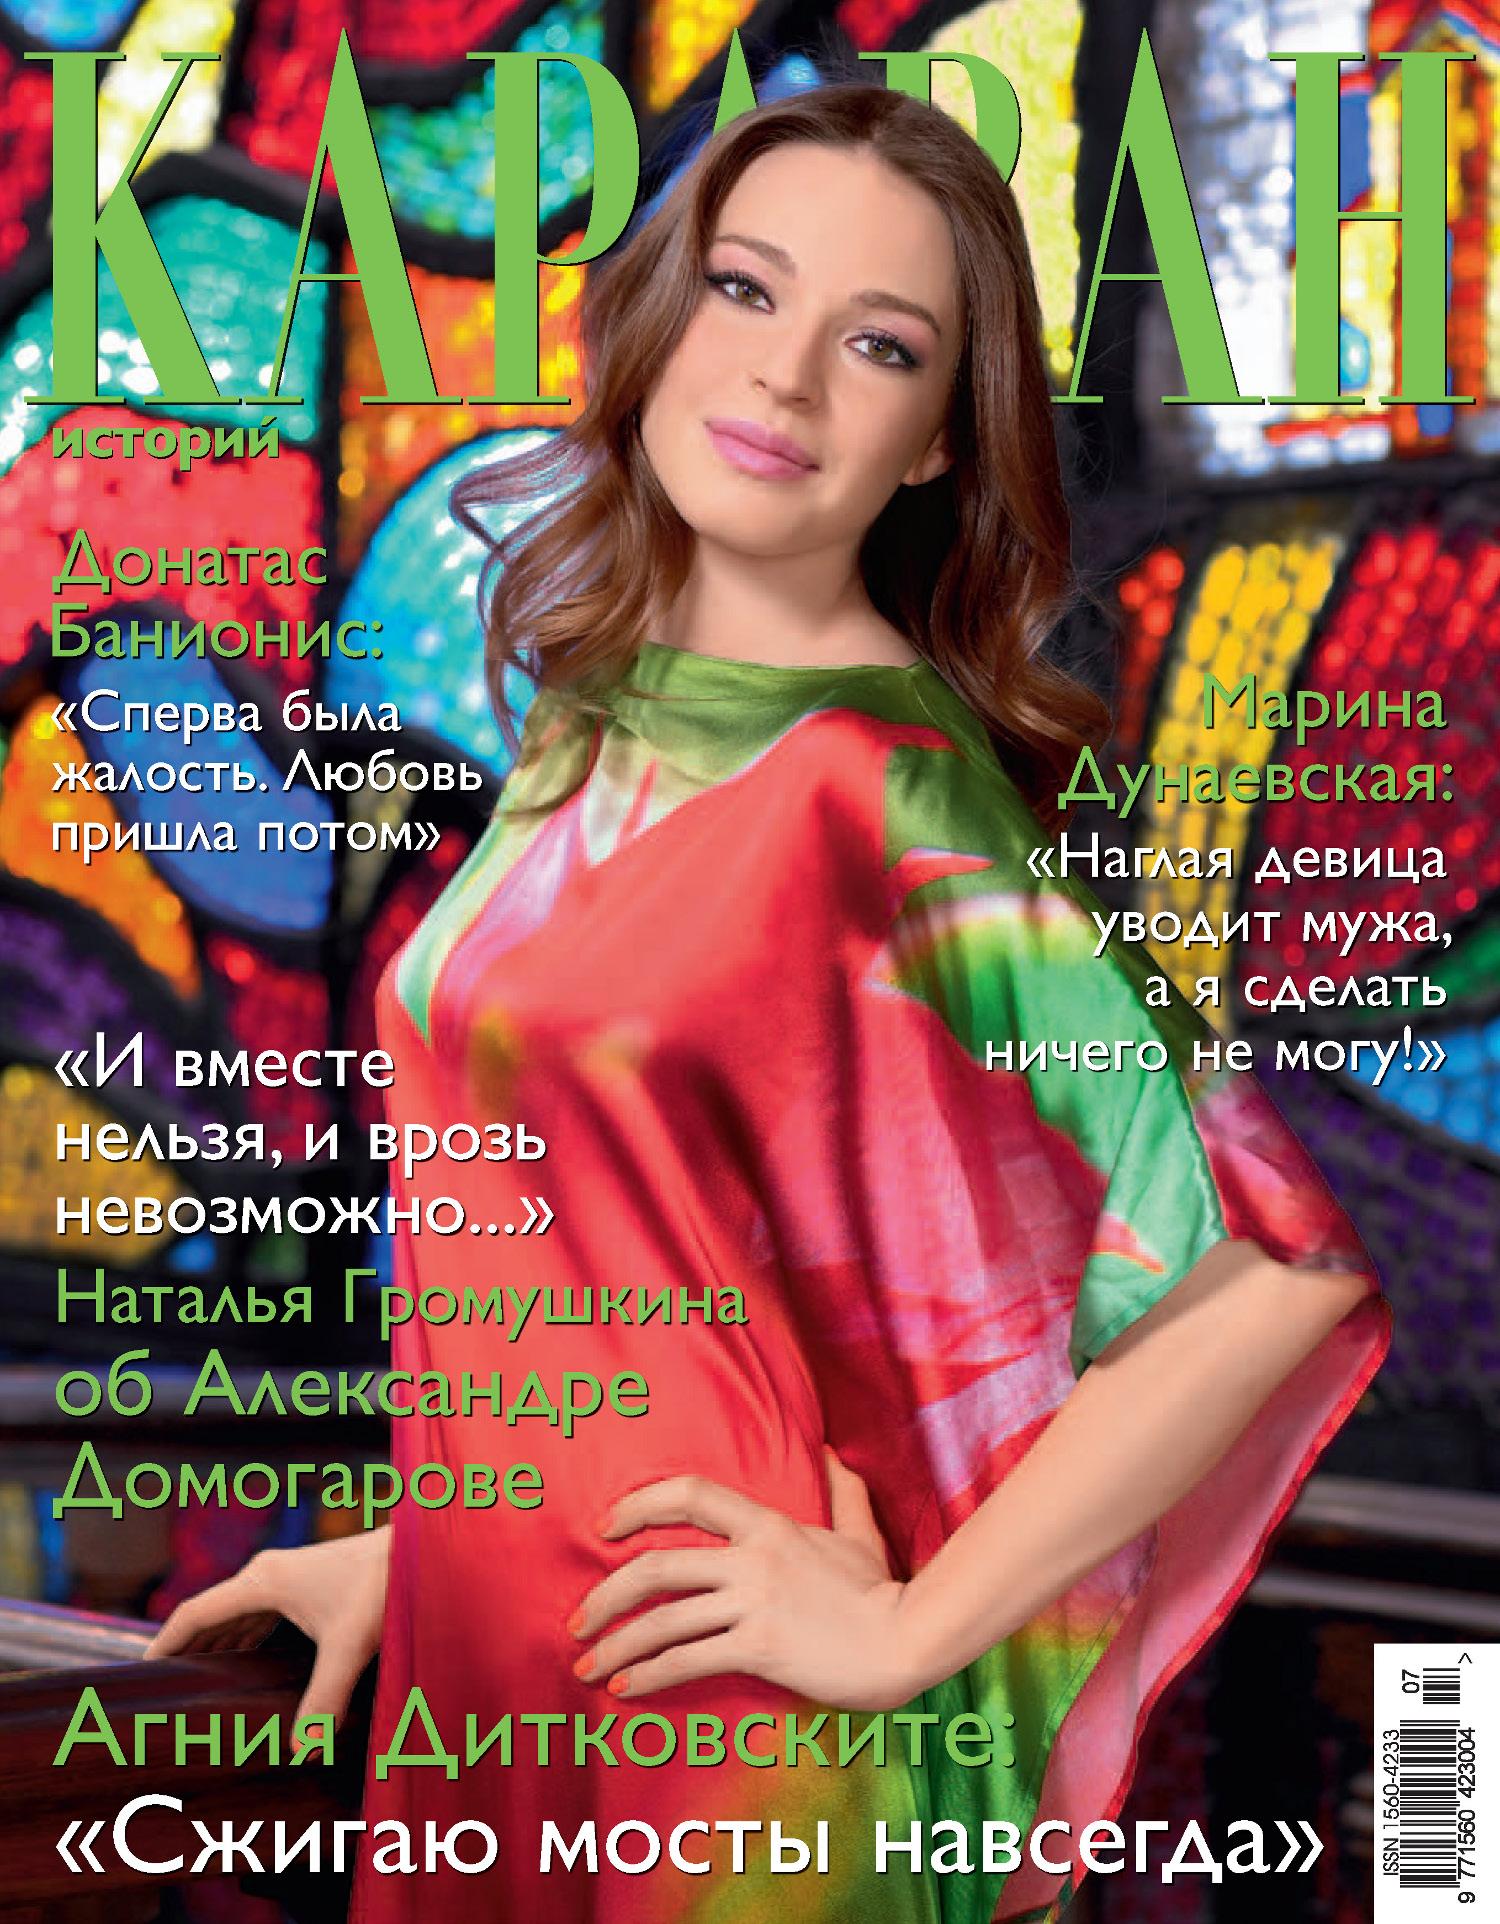 цена на Отсутствует Караван историй №07 / июль 2012